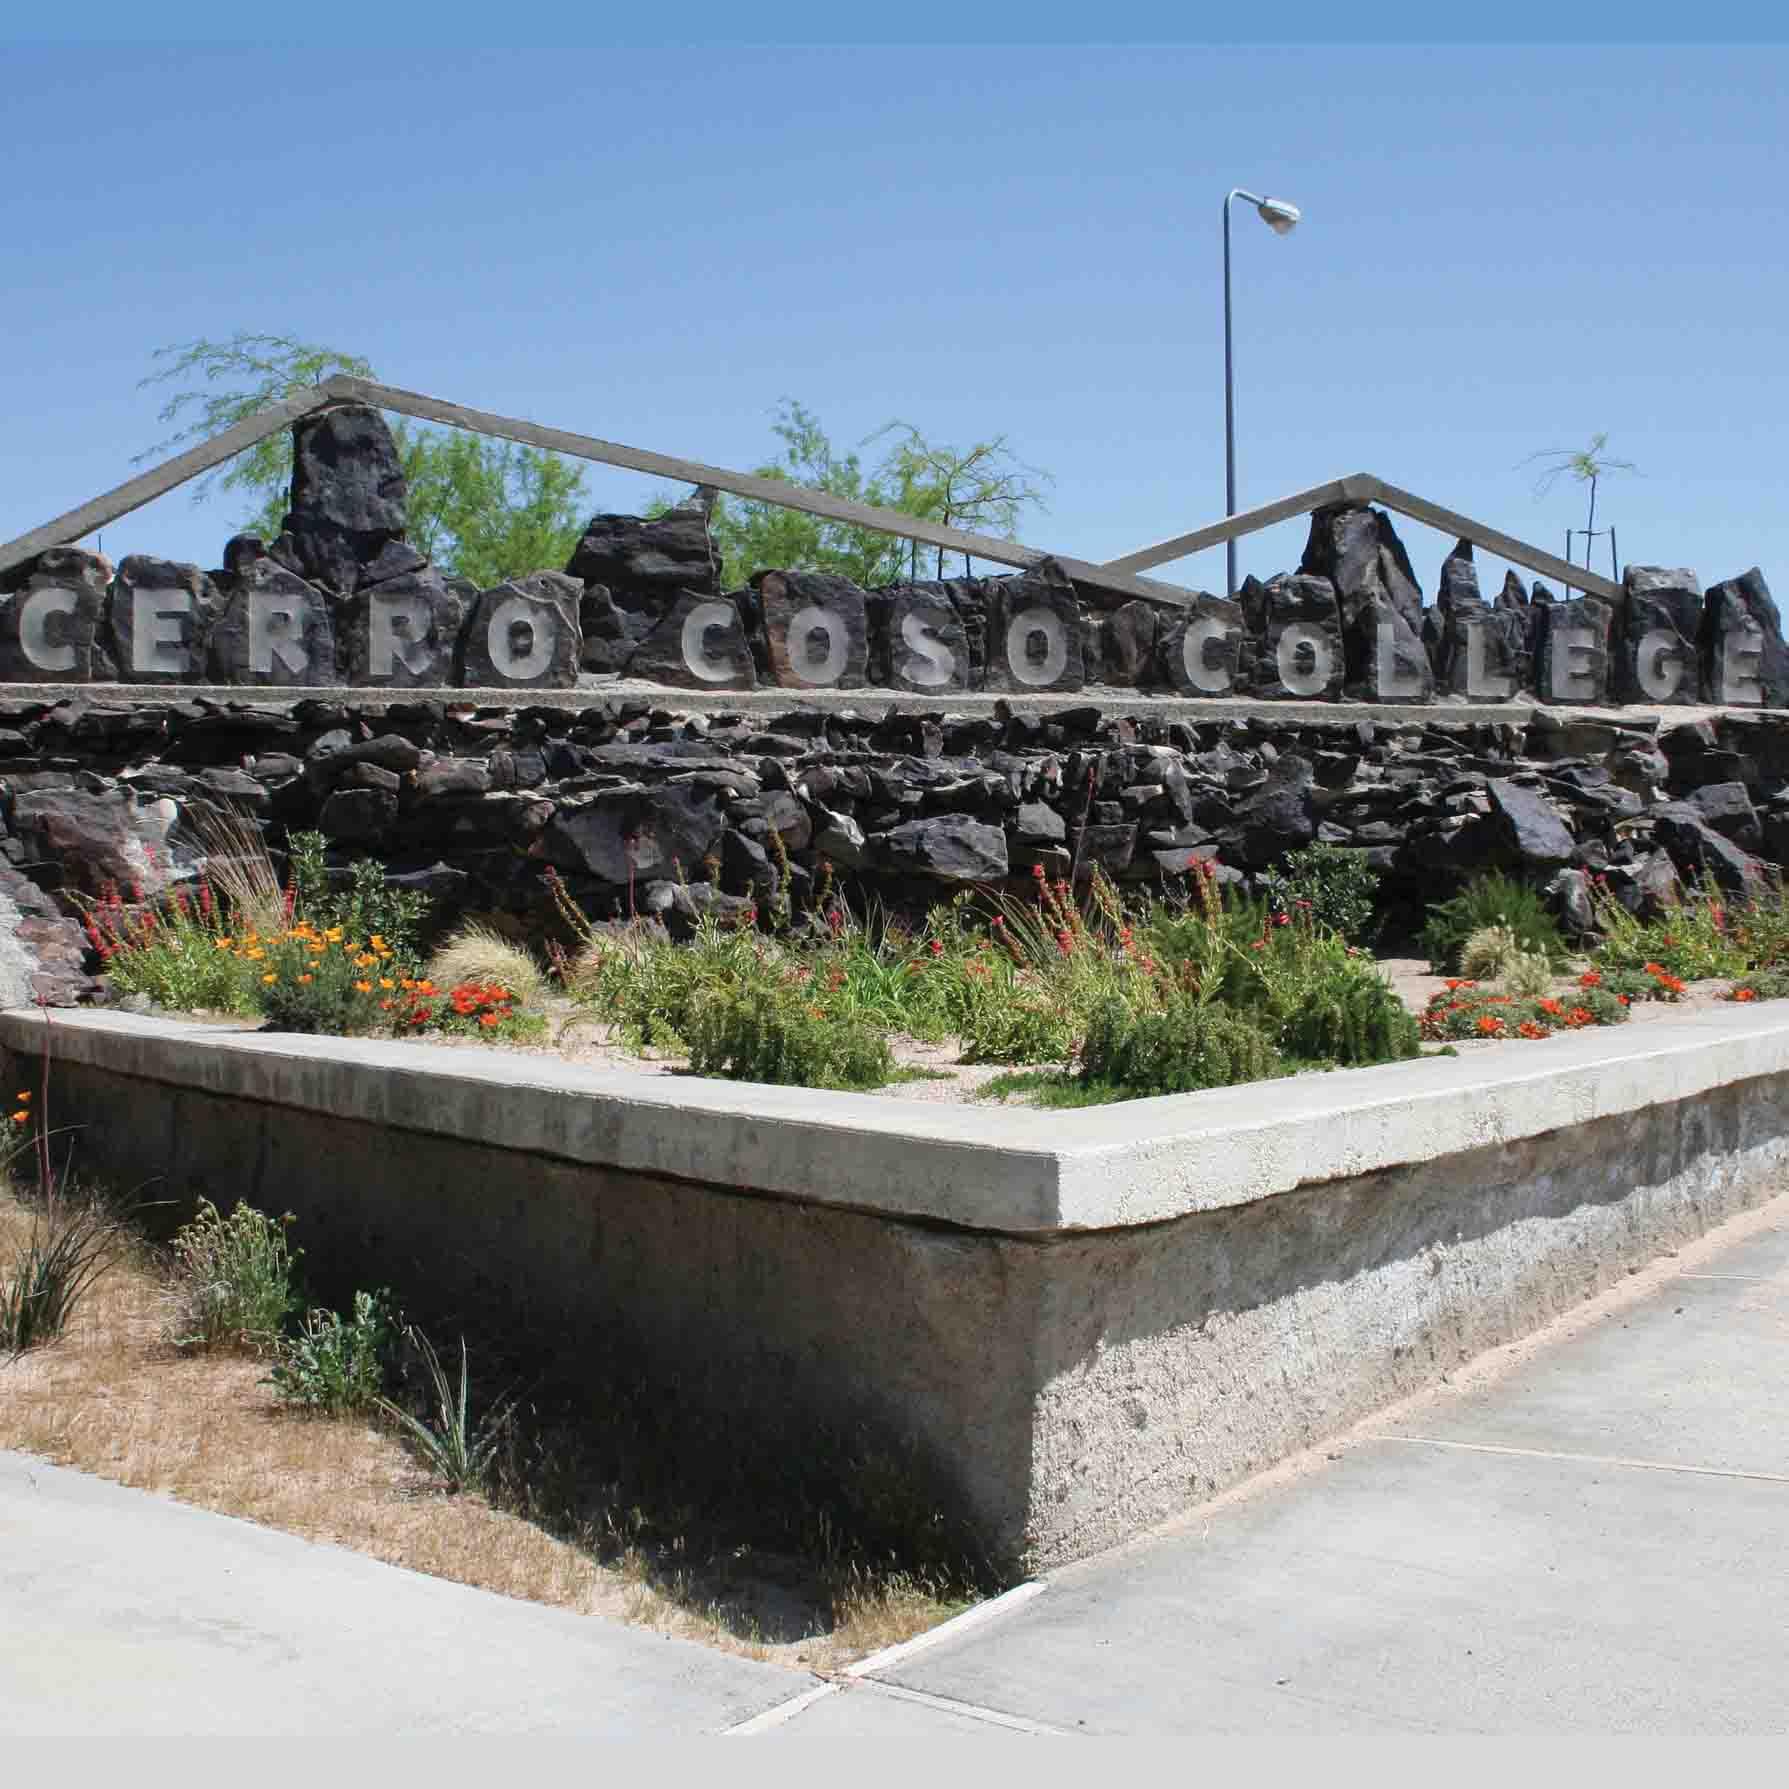 Cerro Coso Community College Welcome Sign